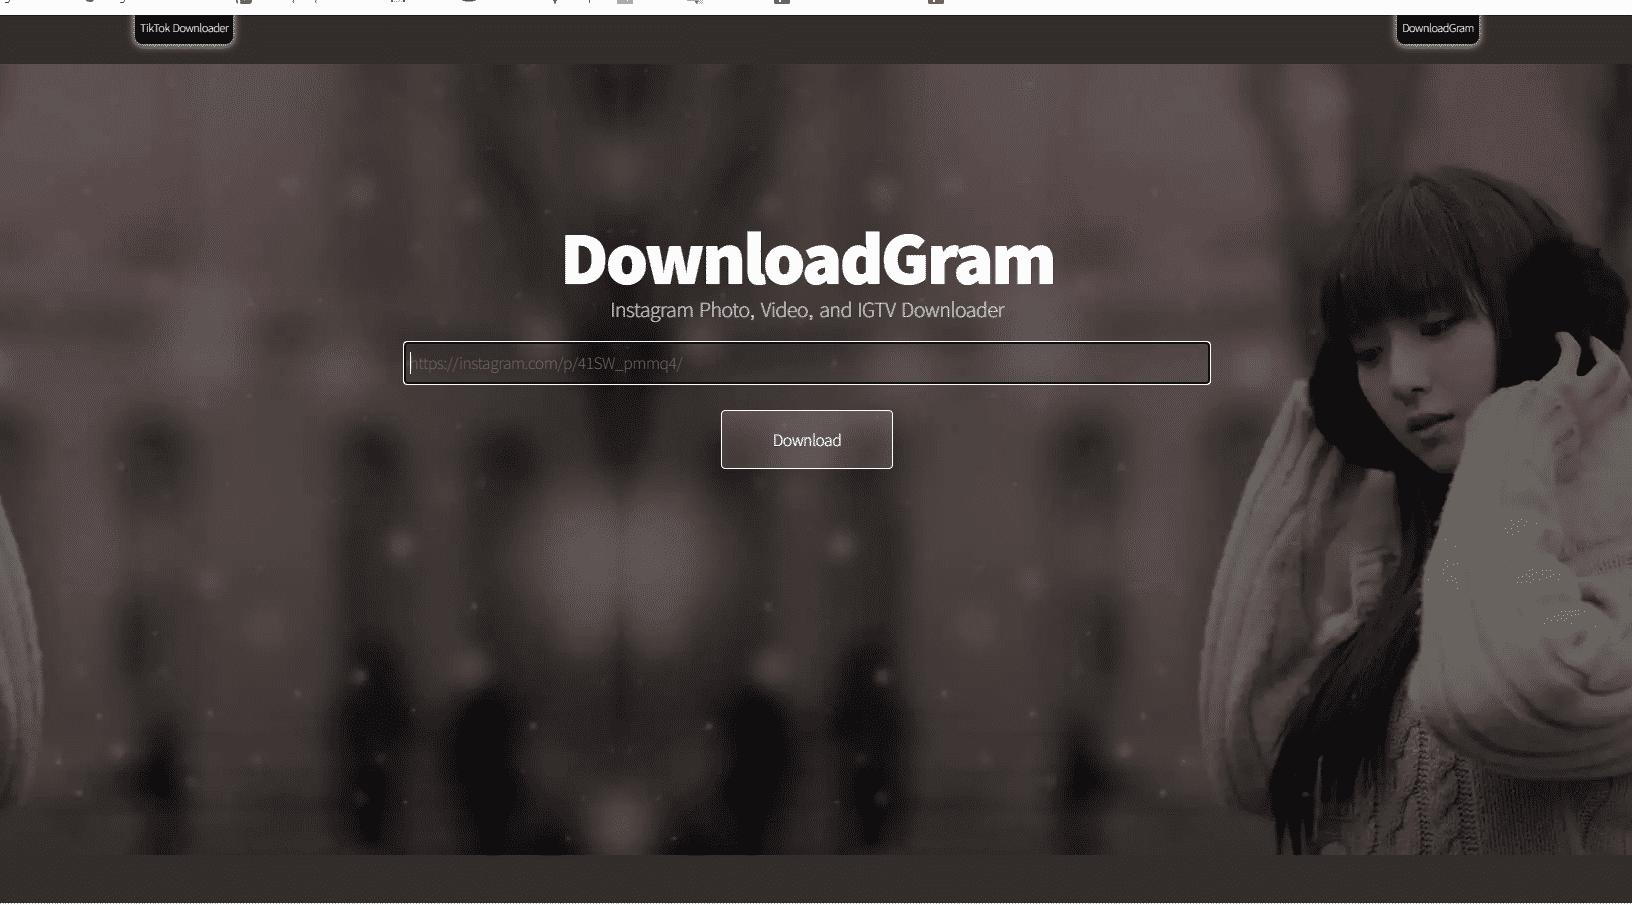 Dengan DownloadGram